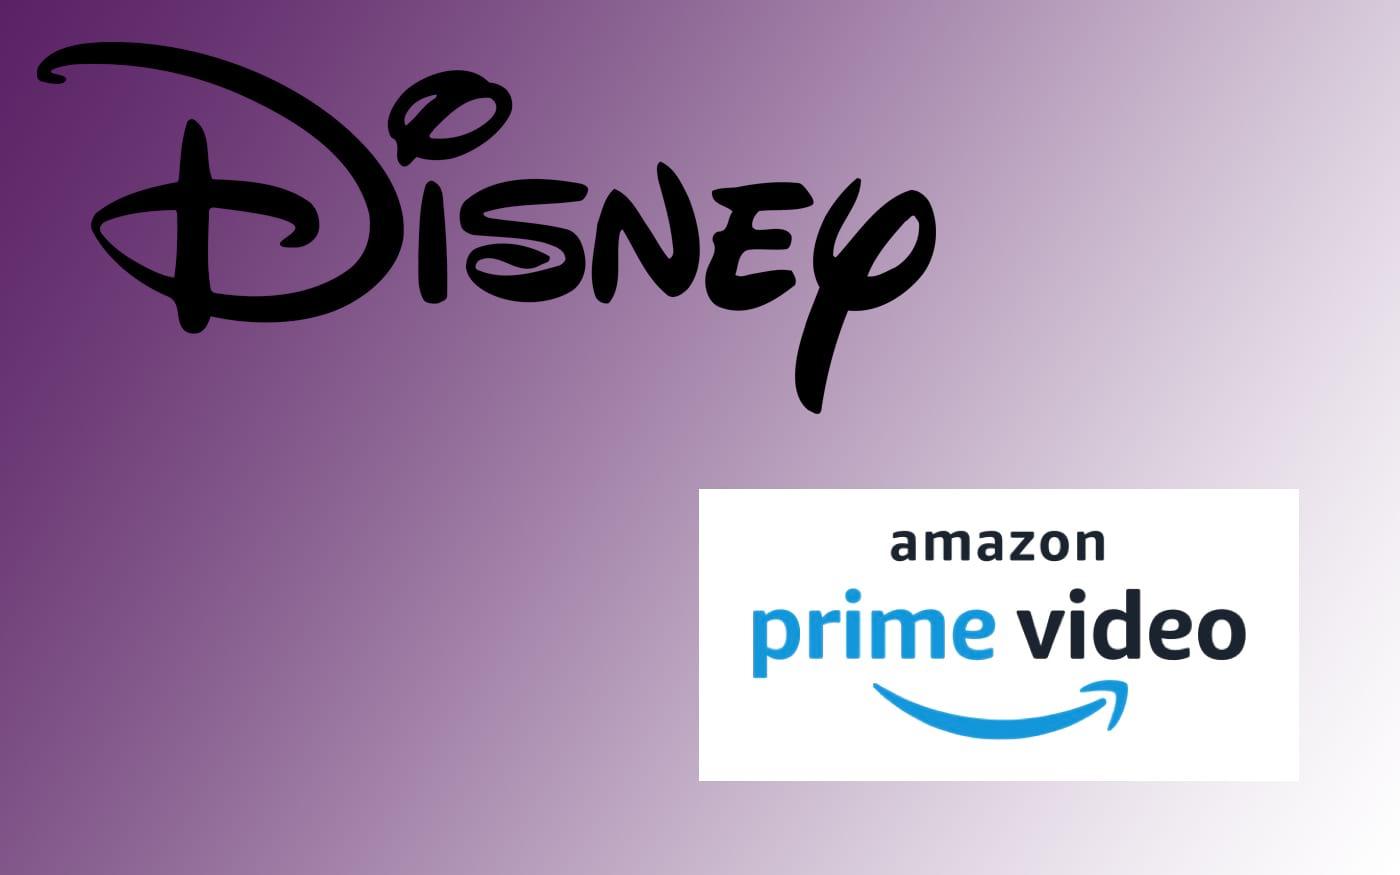 Amazon Prime Vídeos fez acordo com a Disney para distribuição de suas produções